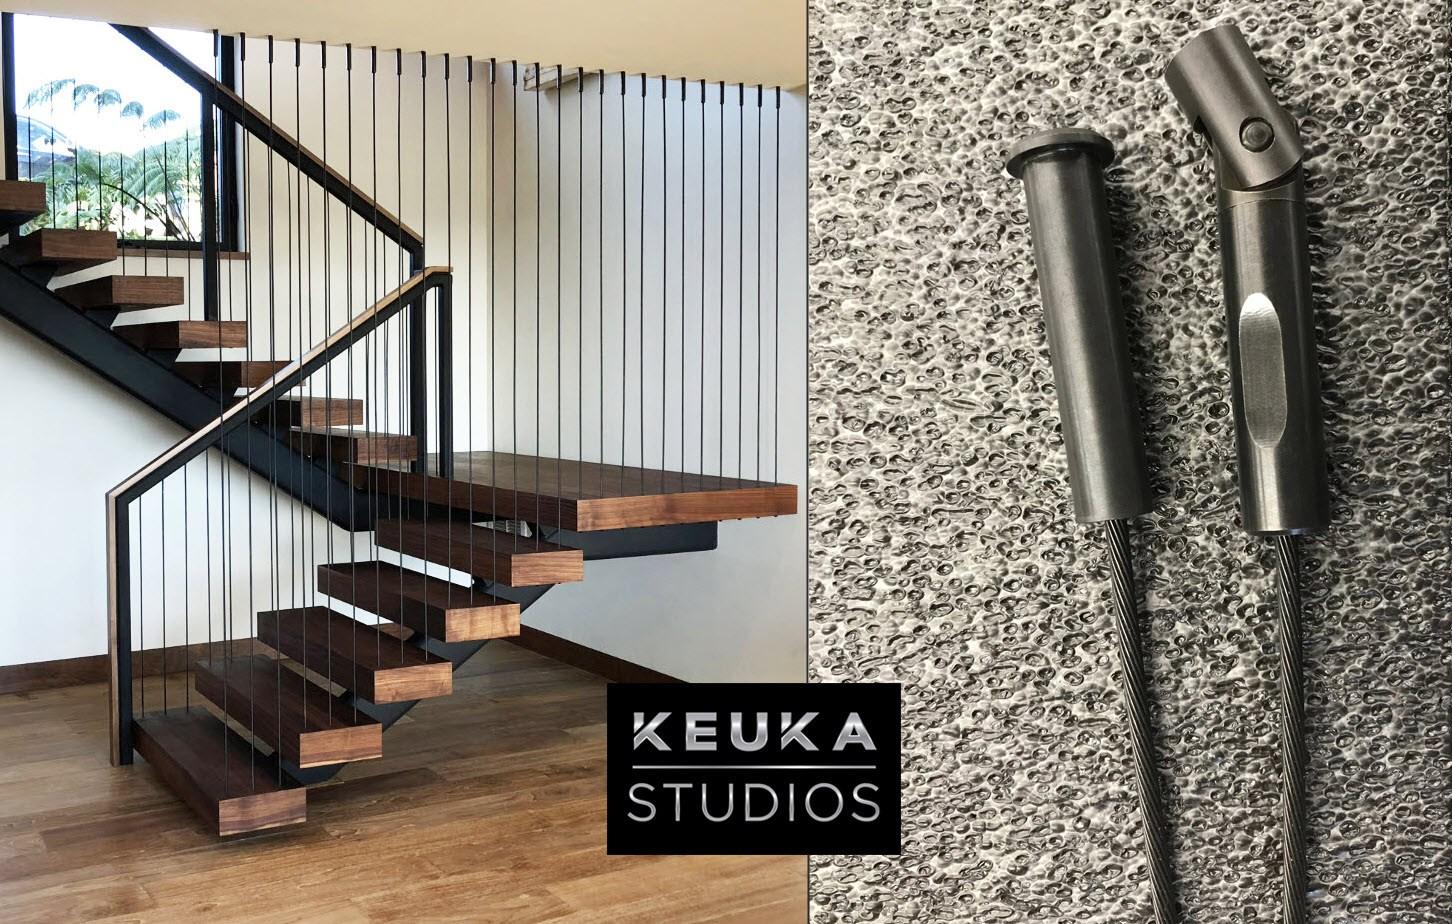 Black Stainless Steel Cable Railing By Keuka Studios | Black Metal Stair Railing | Minimalist Simple Stair | Craftsman Style | Brushed Nickel | Rustic | Horizontal